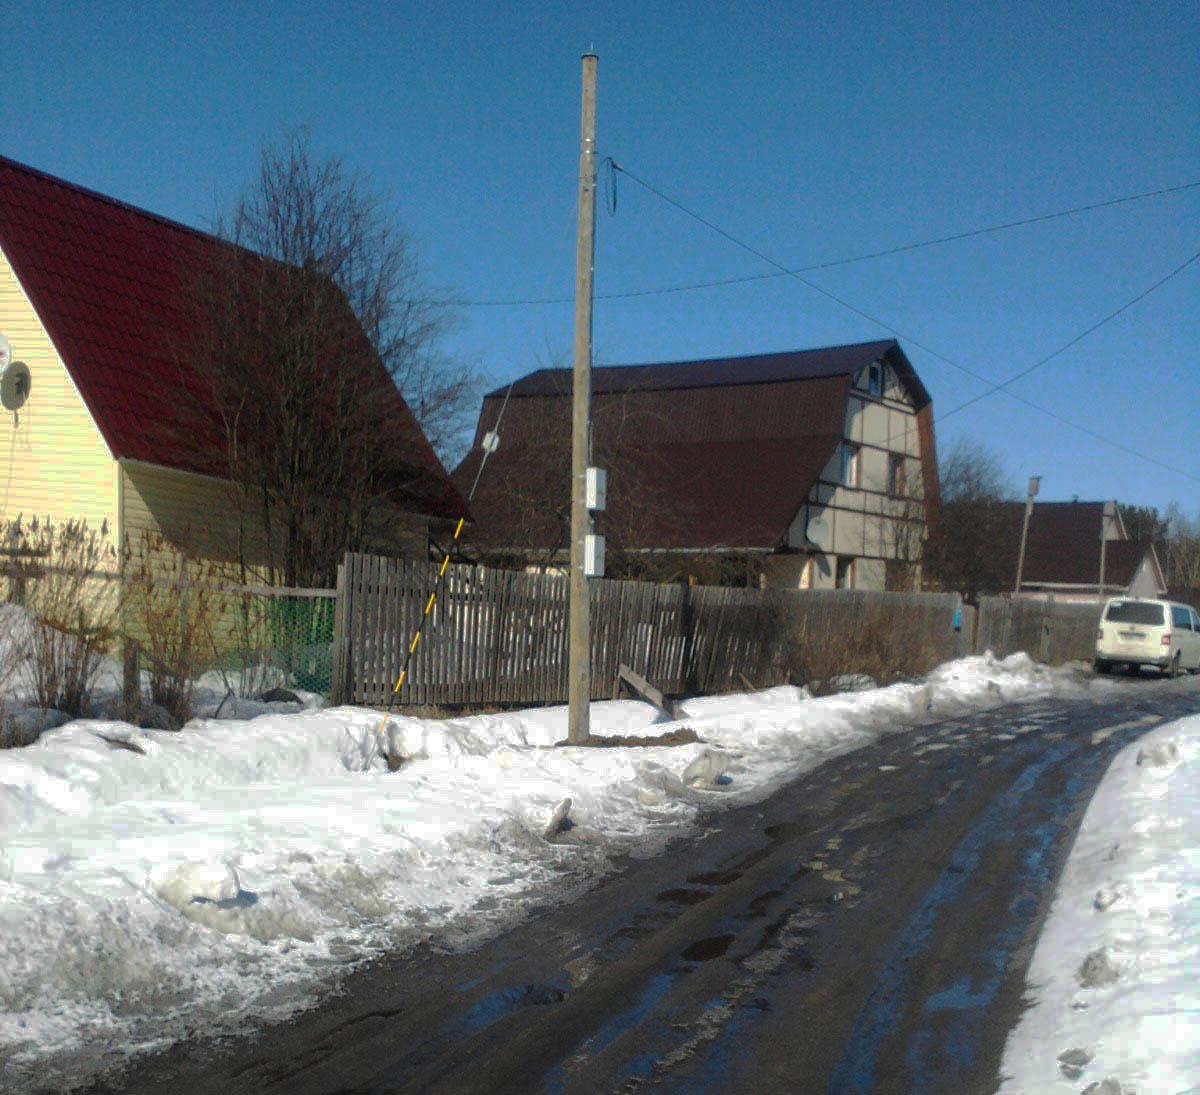 В поселке Пряжа теперь есть высокоскоростной интернет, а водопровод и канализация далеко не у всех. Фото местных жителей